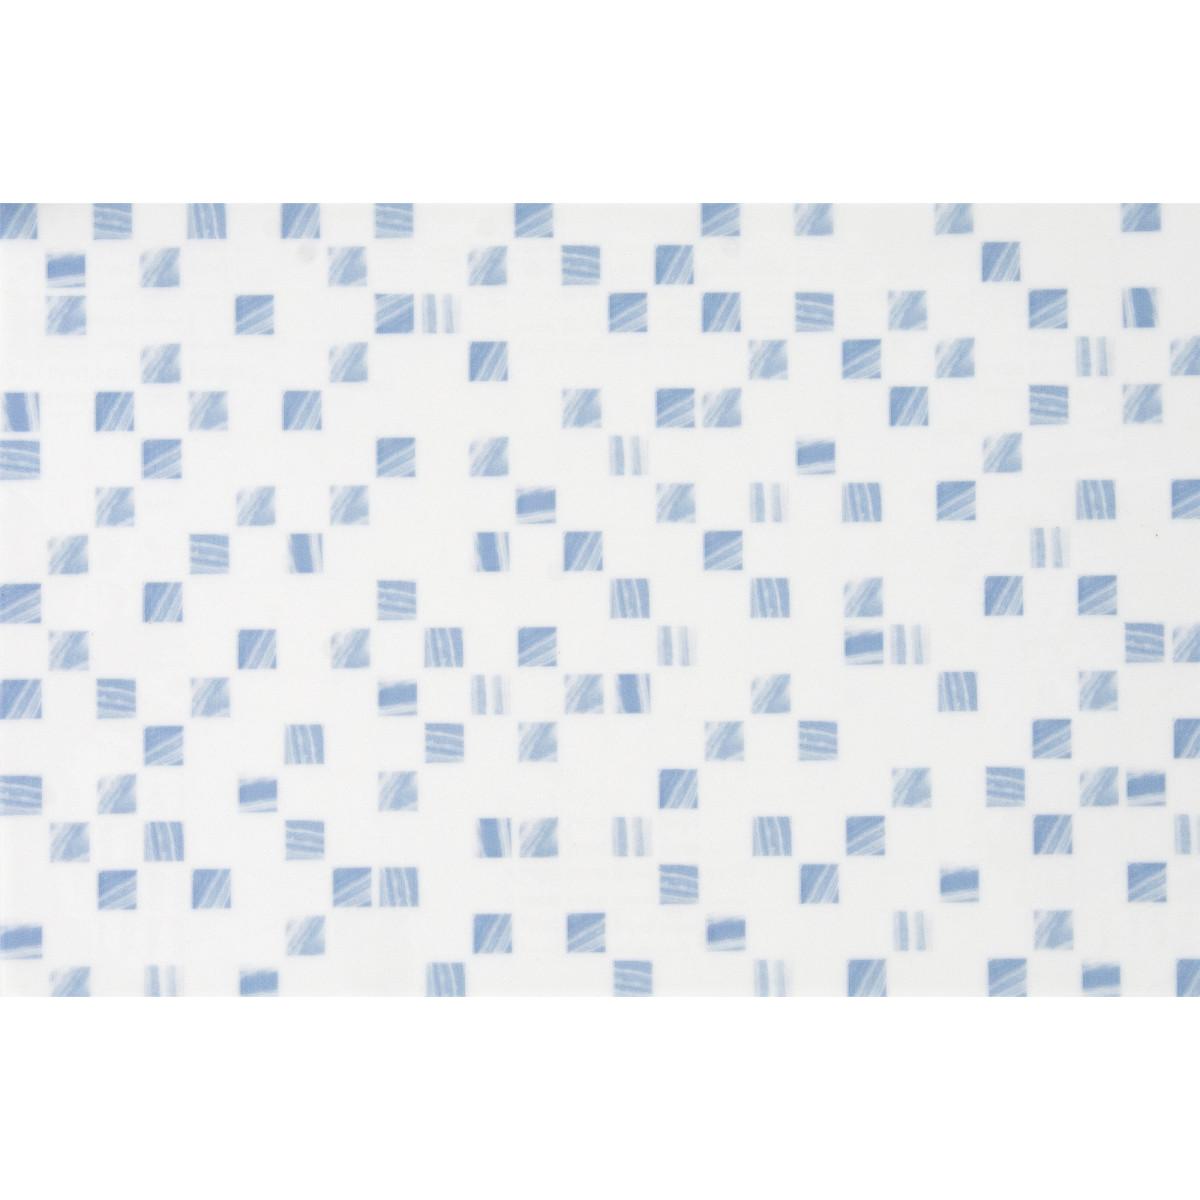 Плитка настенная Reef 20x30 см 1.2 м2 цвет голубой